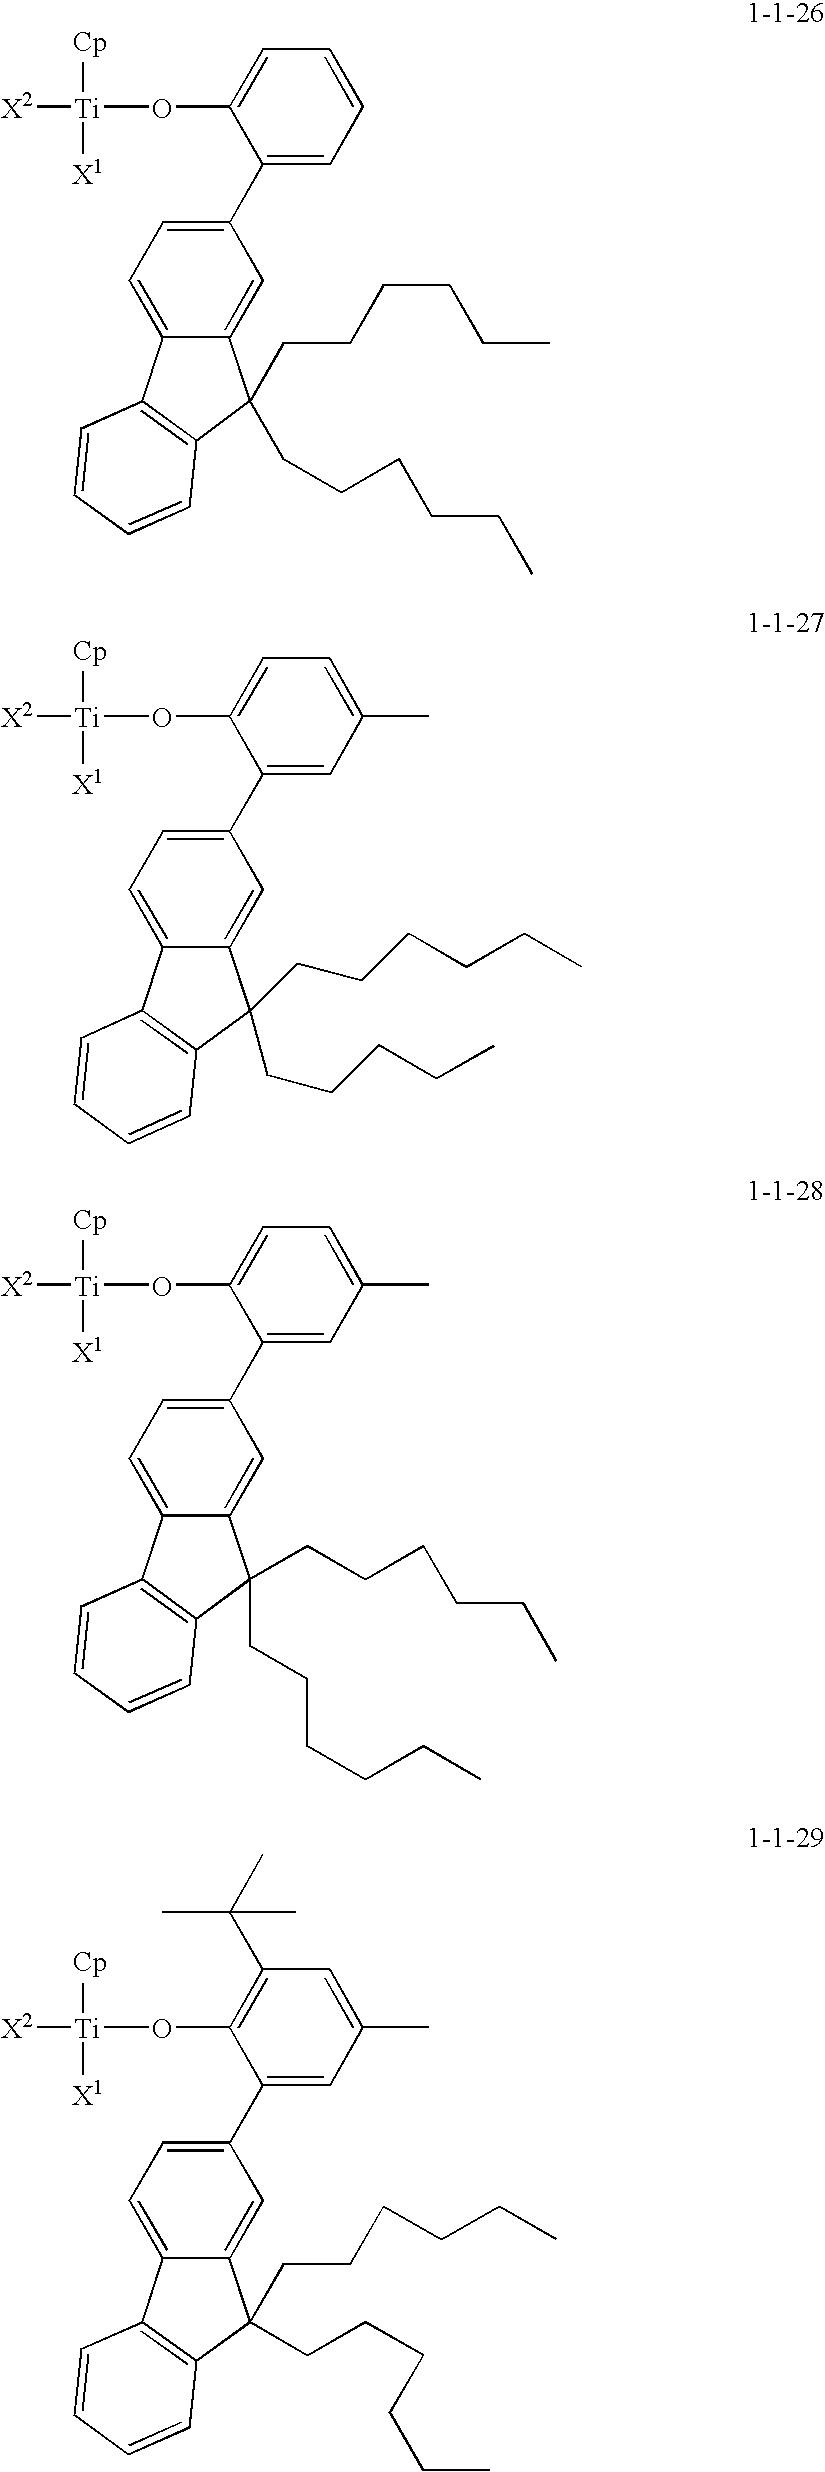 Figure US20100081776A1-20100401-C00032